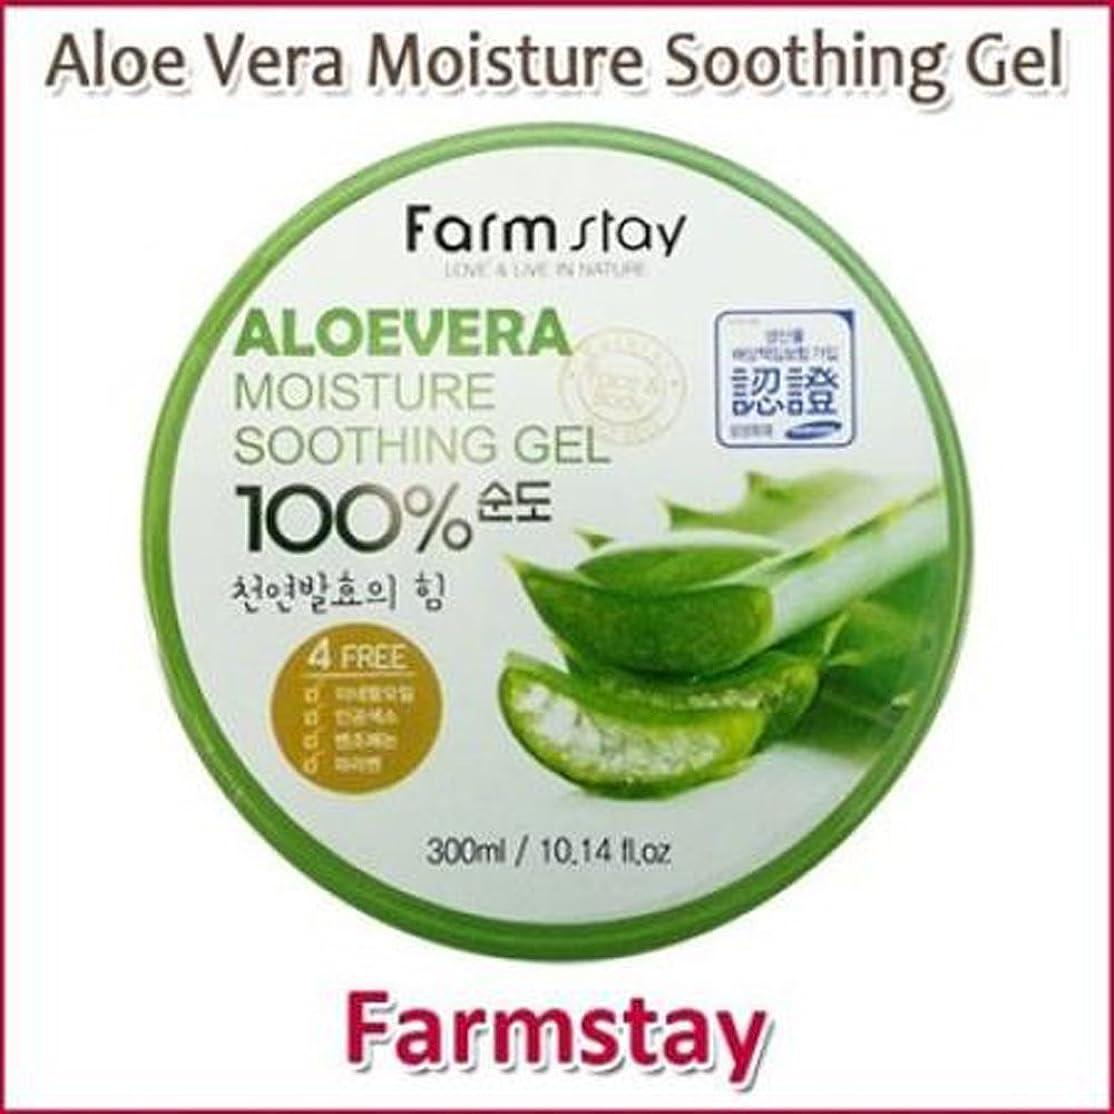 ルールなぜダンスFarm Stay Aloe Vera Moisture Soothing Gel 300ml /オーガニック アロエベラゲル 100%/保湿ケア/韓国コスメ/Aloe Vera 100% /Moisturizing [並行輸入品]